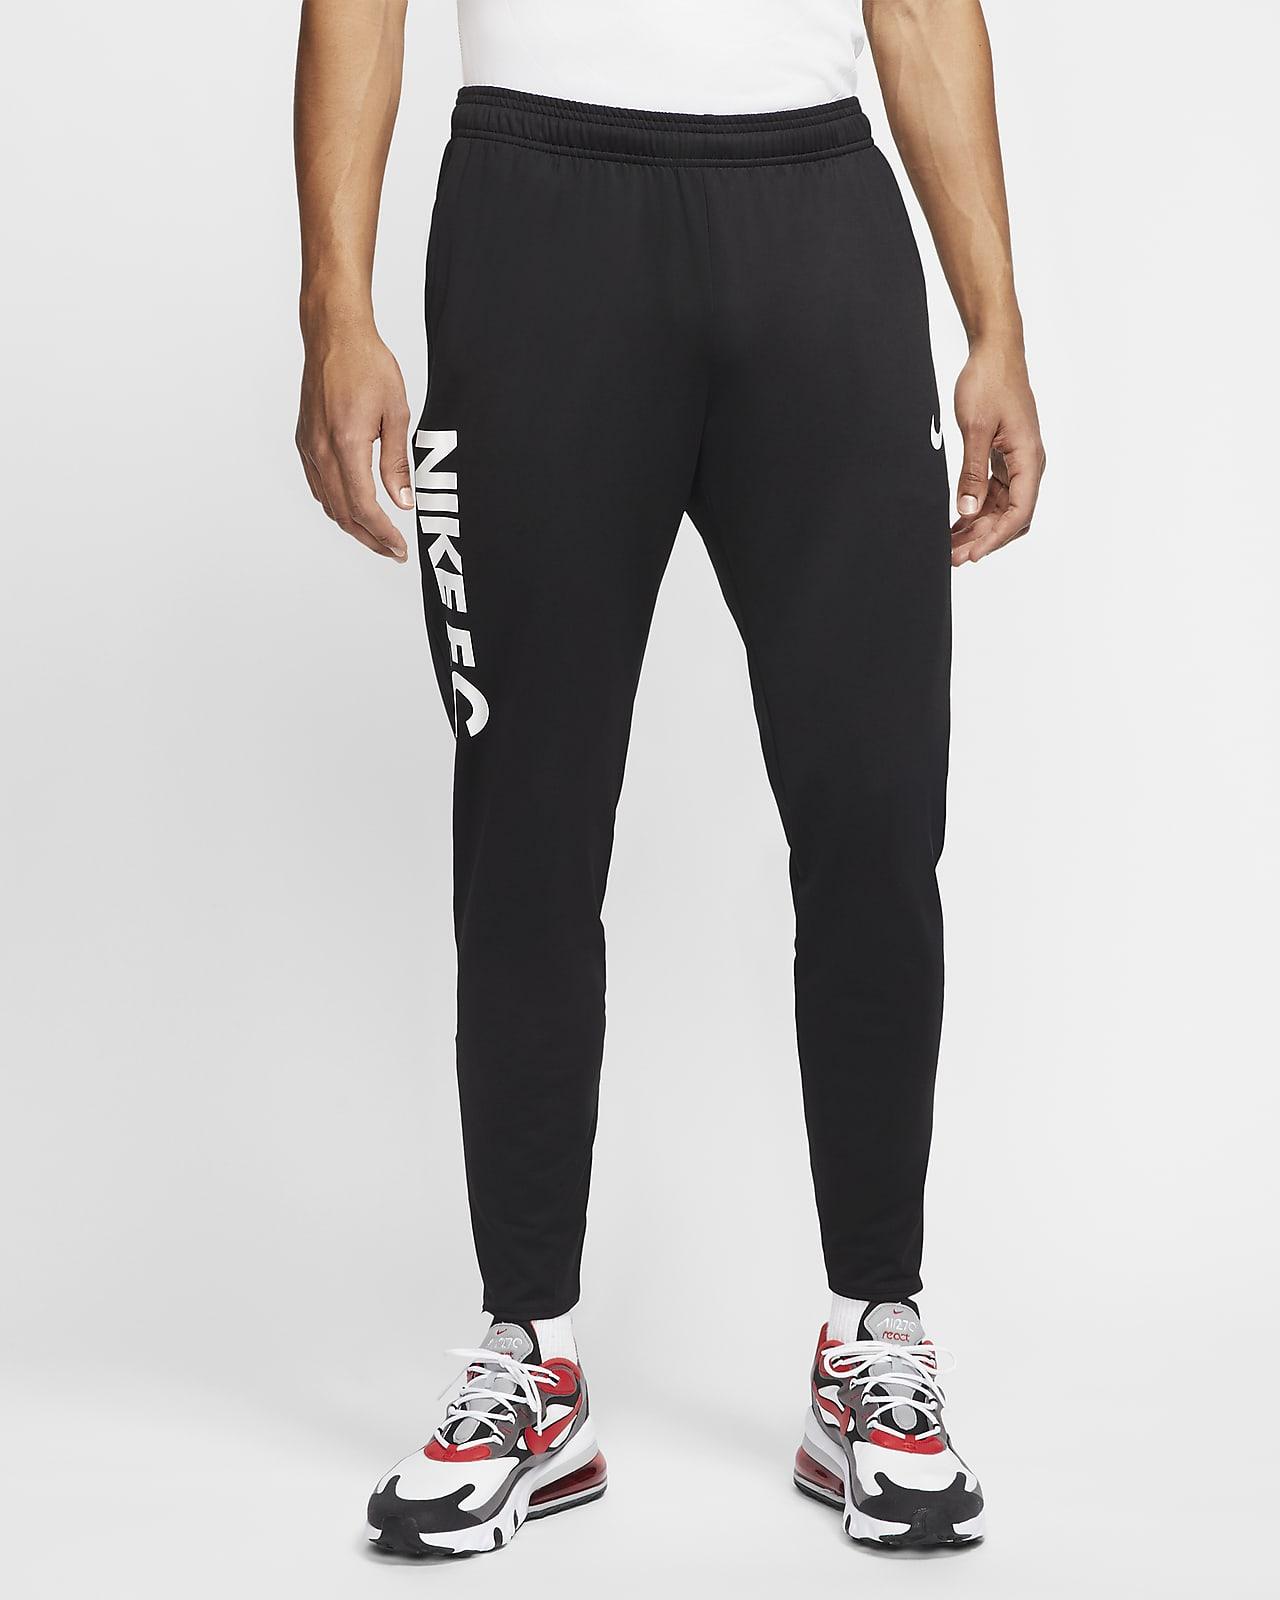 Nike F.C. Essential-fodboldbukser til mænd